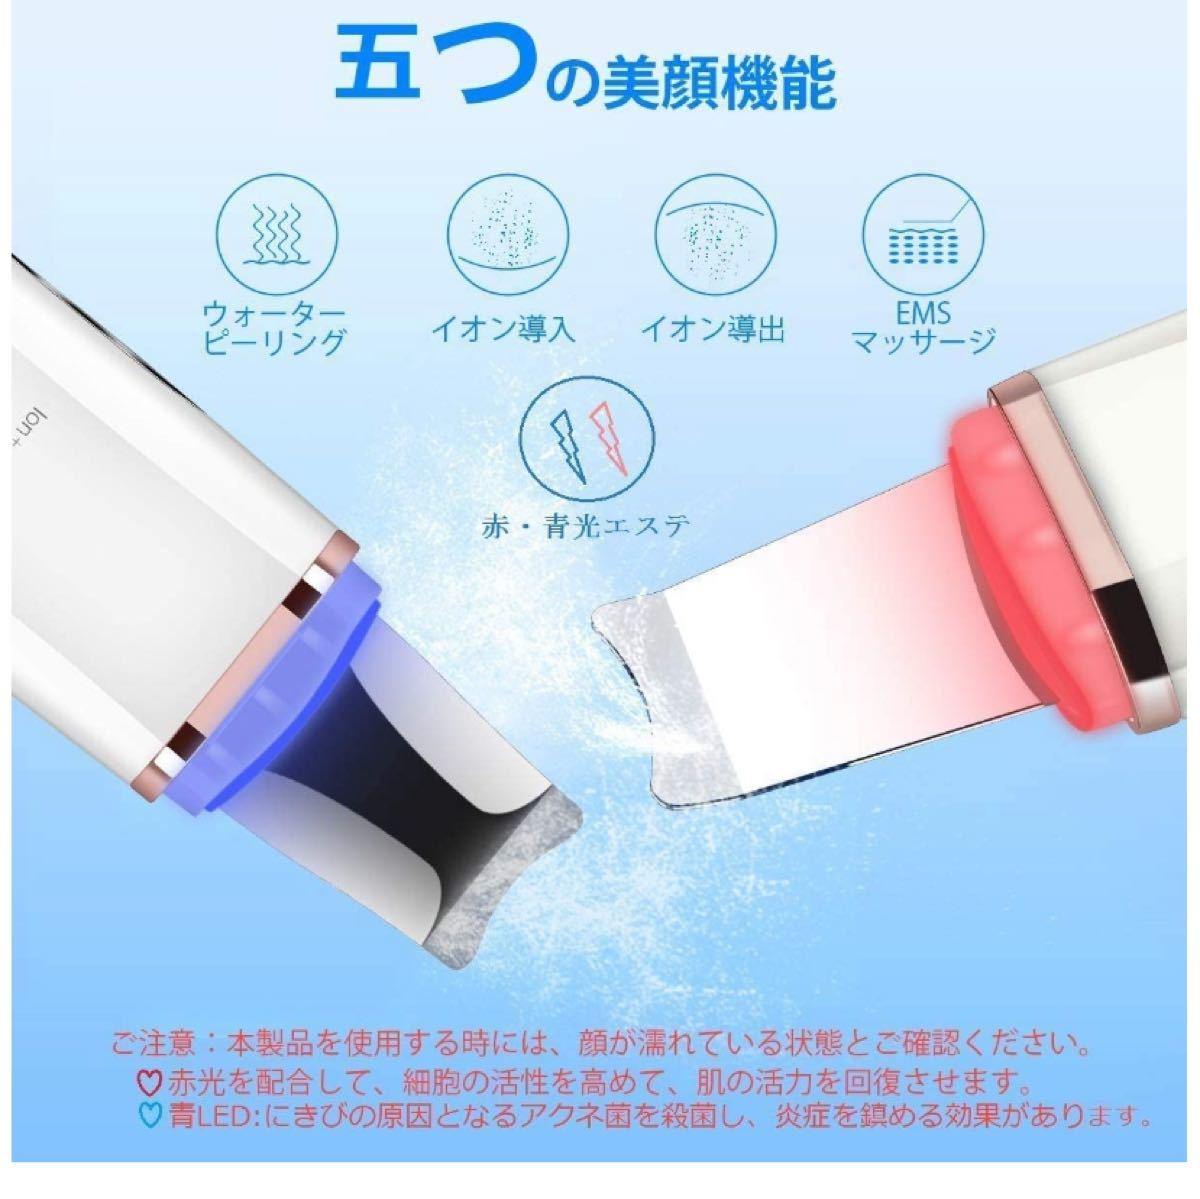 【超音波ピーリング+イオン美顔器】